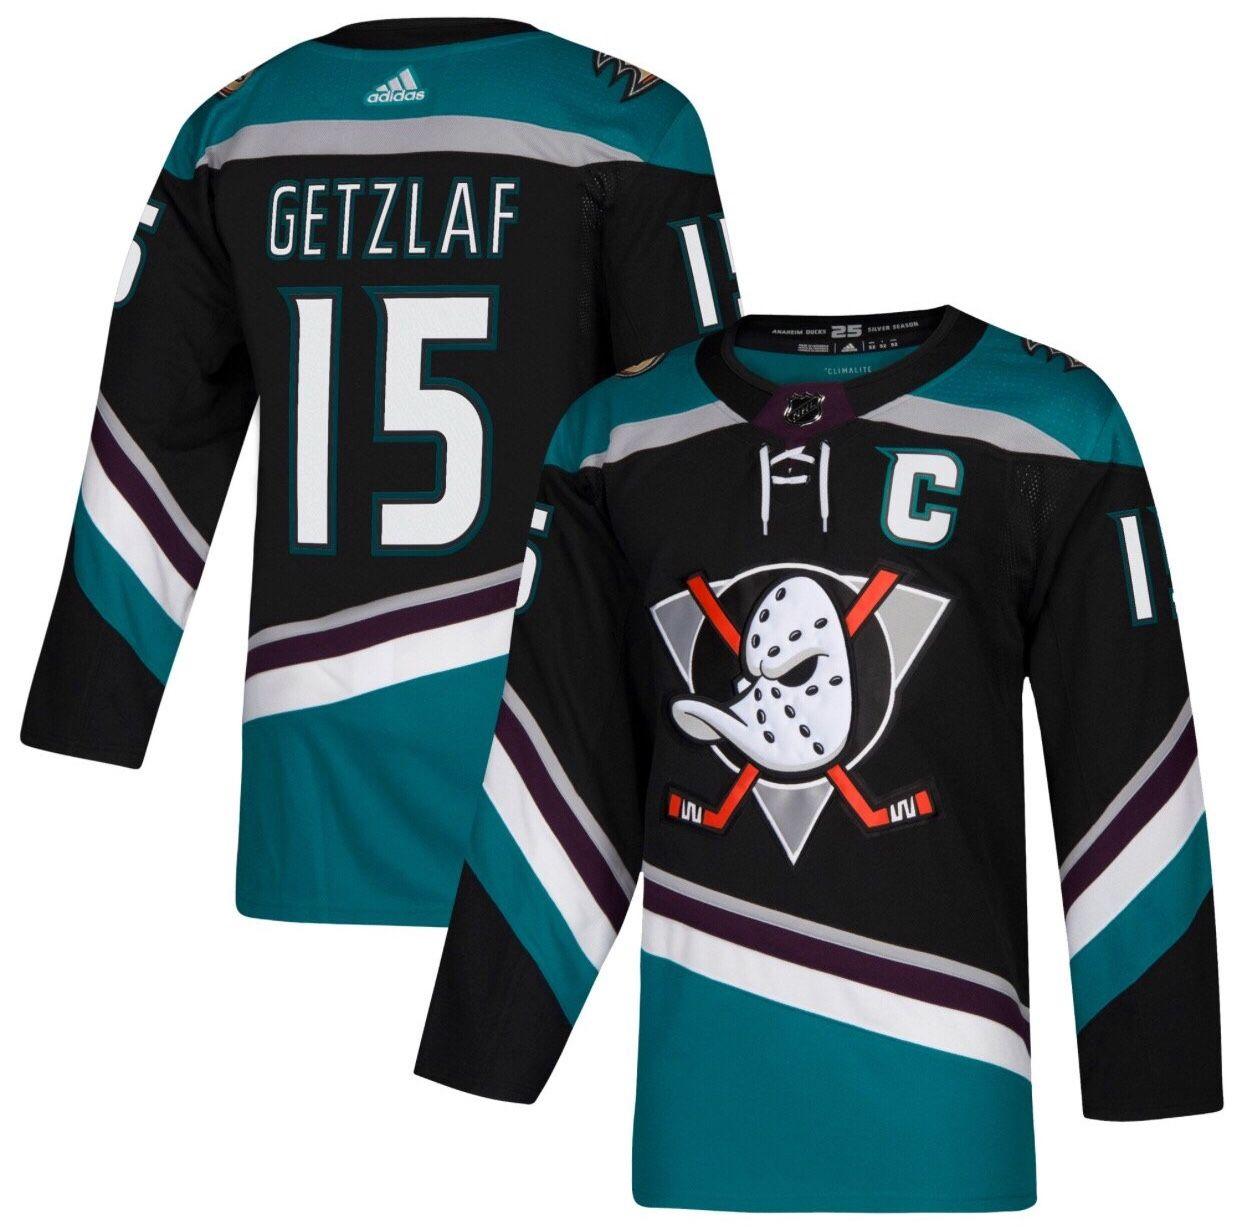 f018f9a28 Anaheim Ducks Retro Alternate NHL 2018 19 Jerseys